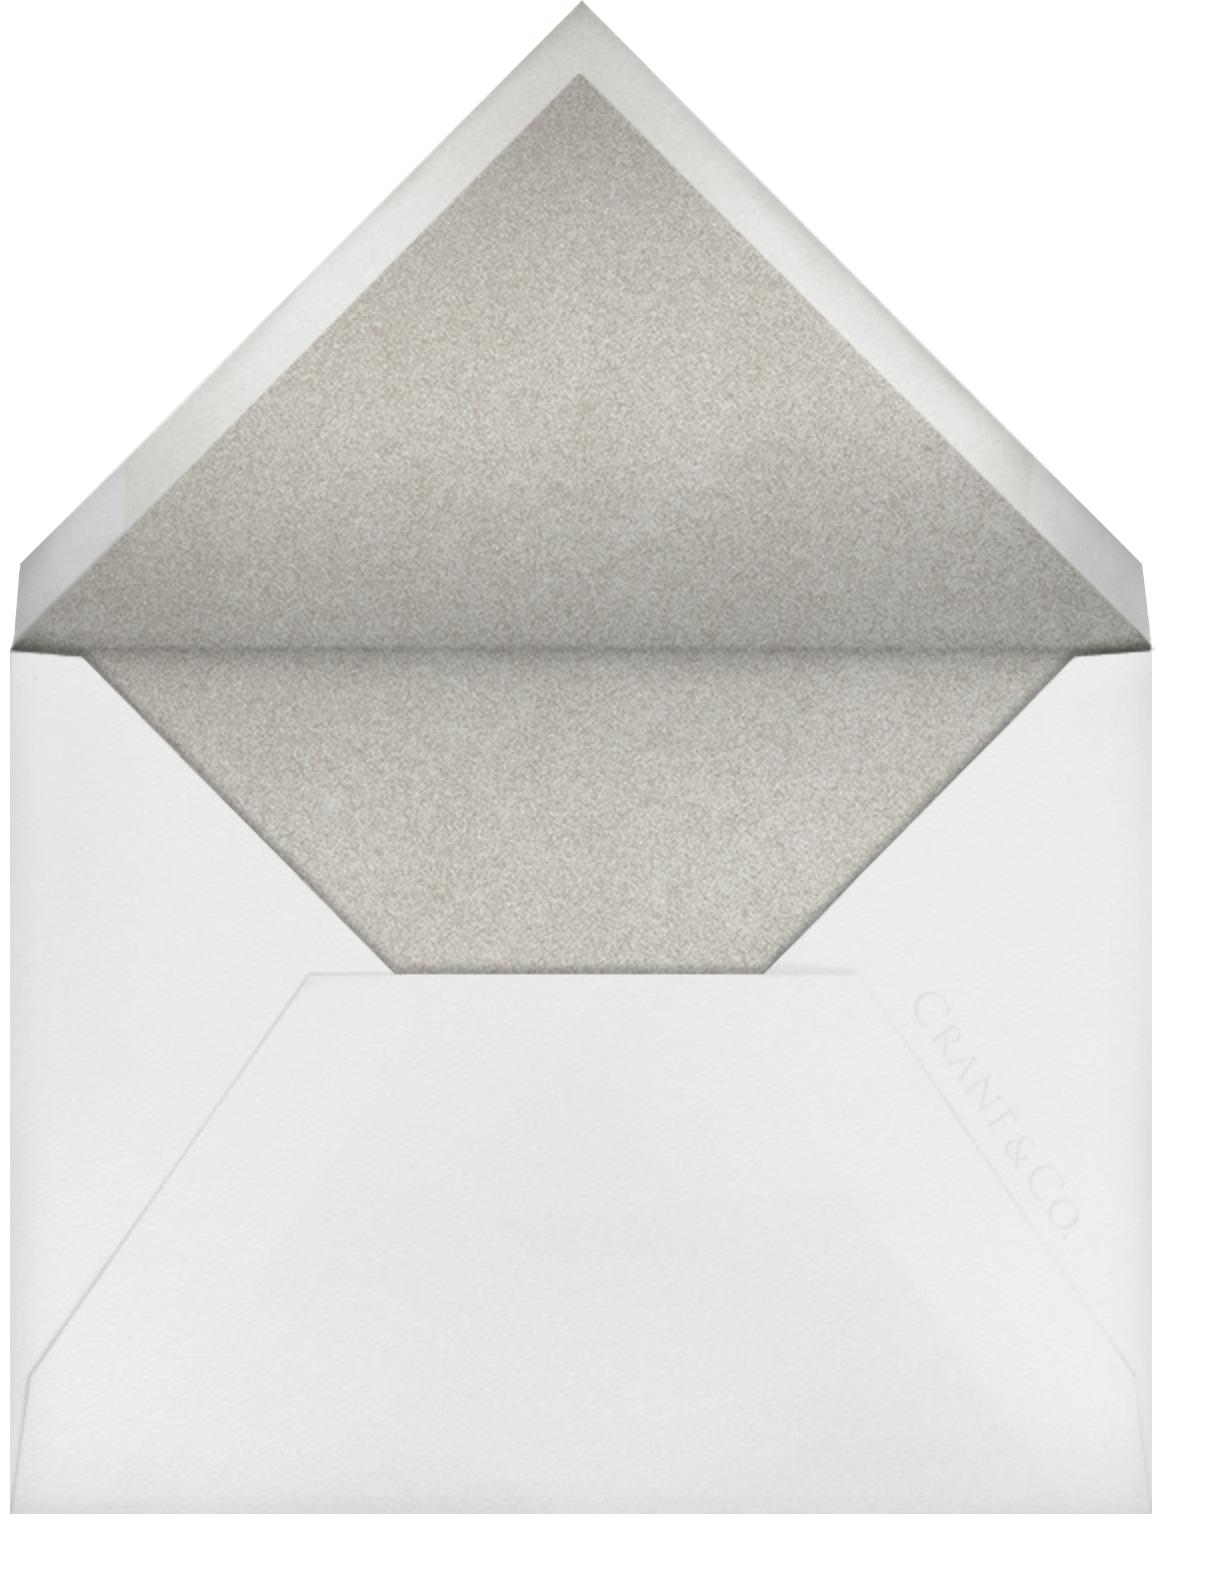 Strake - Platinum - Vera Wang - Envelope